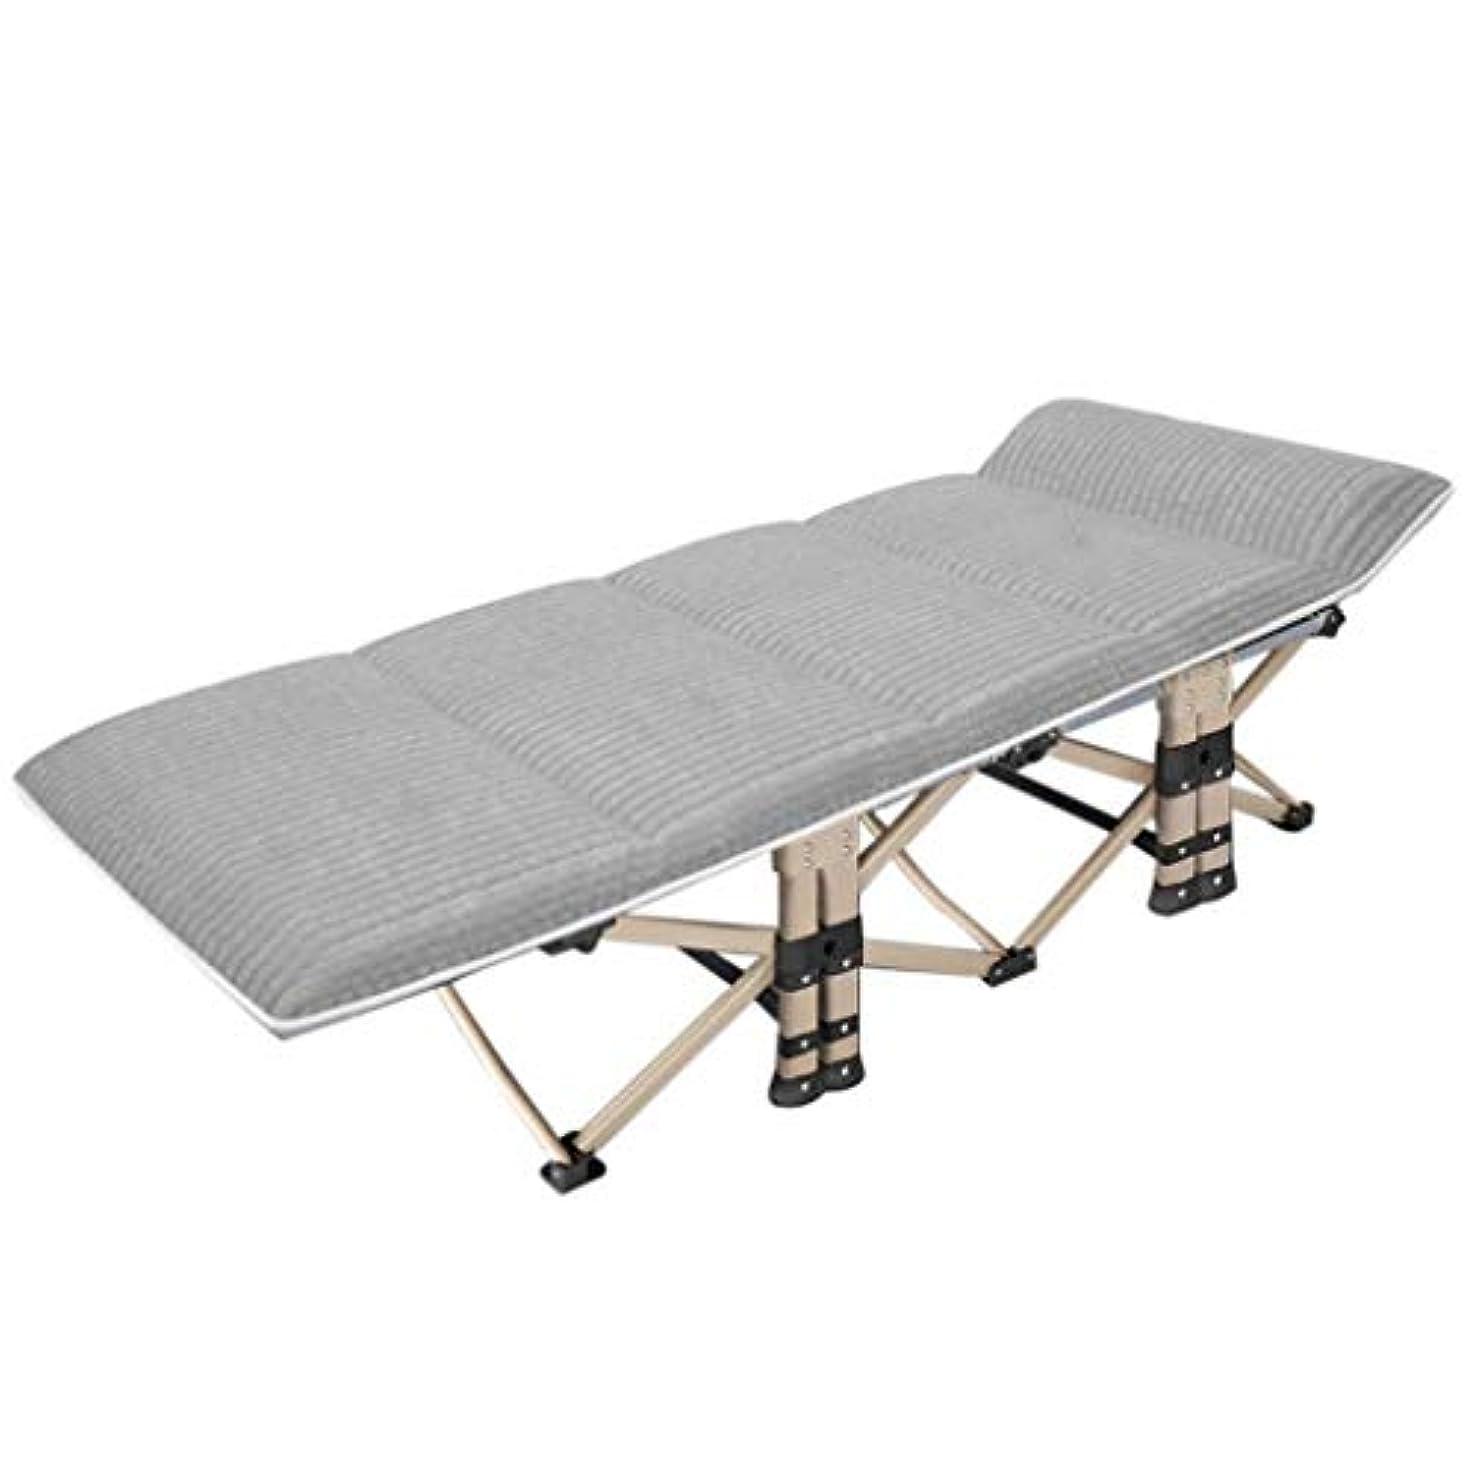 最終的に開始守るRUIMA 折りたたみベッドリクライニングシングル昼休み折りたたみベッドホームシンプルな多機能夏ポータブル大人ライン。 (色 : グレイ ぐれい)